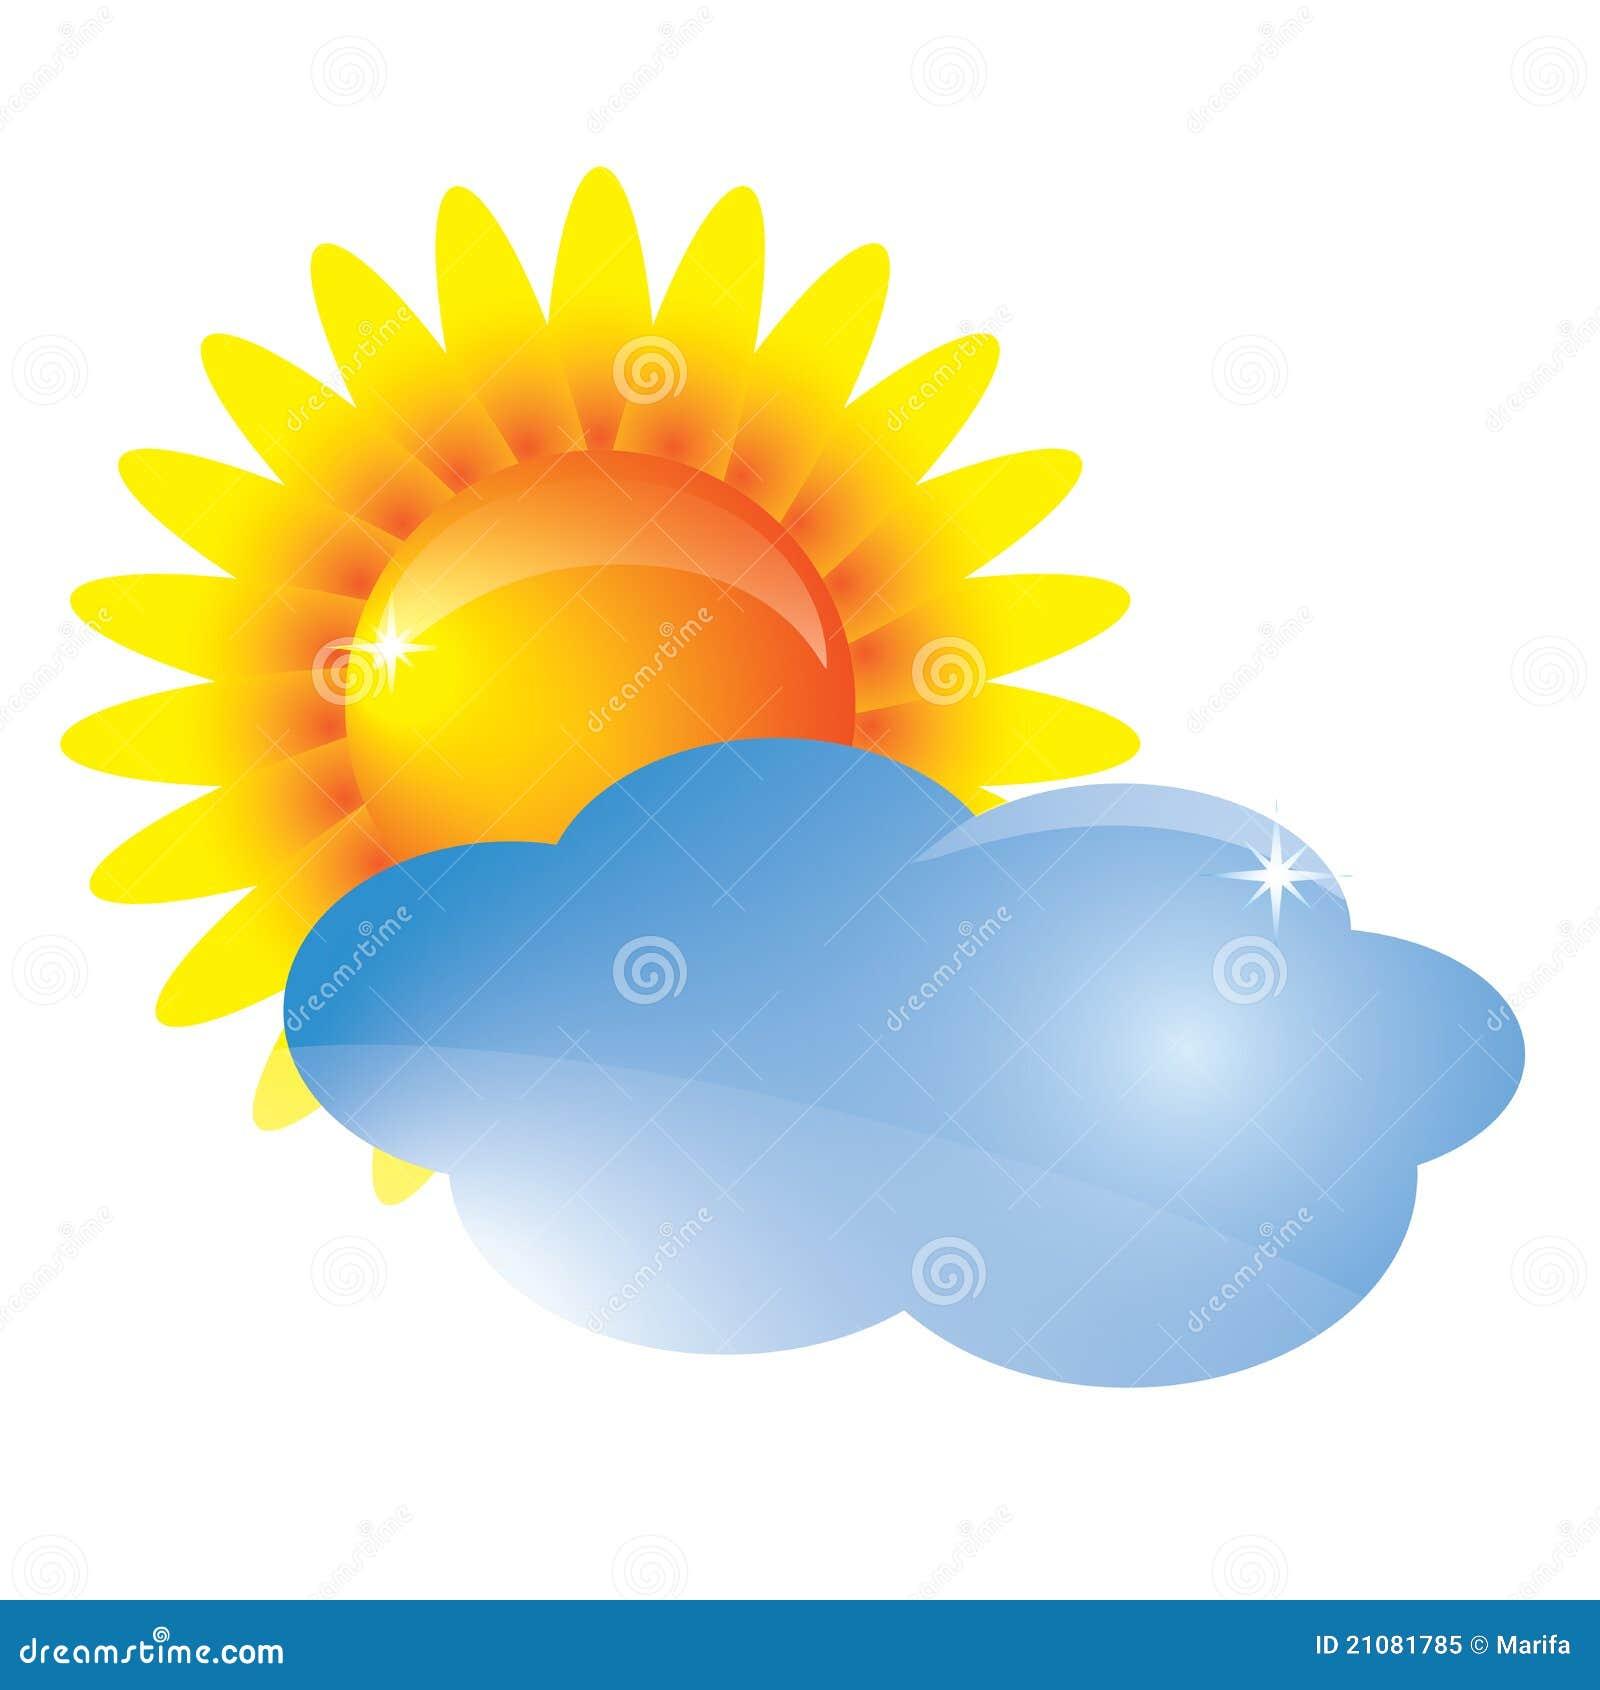 Рисунки солнце Рисунок солнца  Векторное изображение